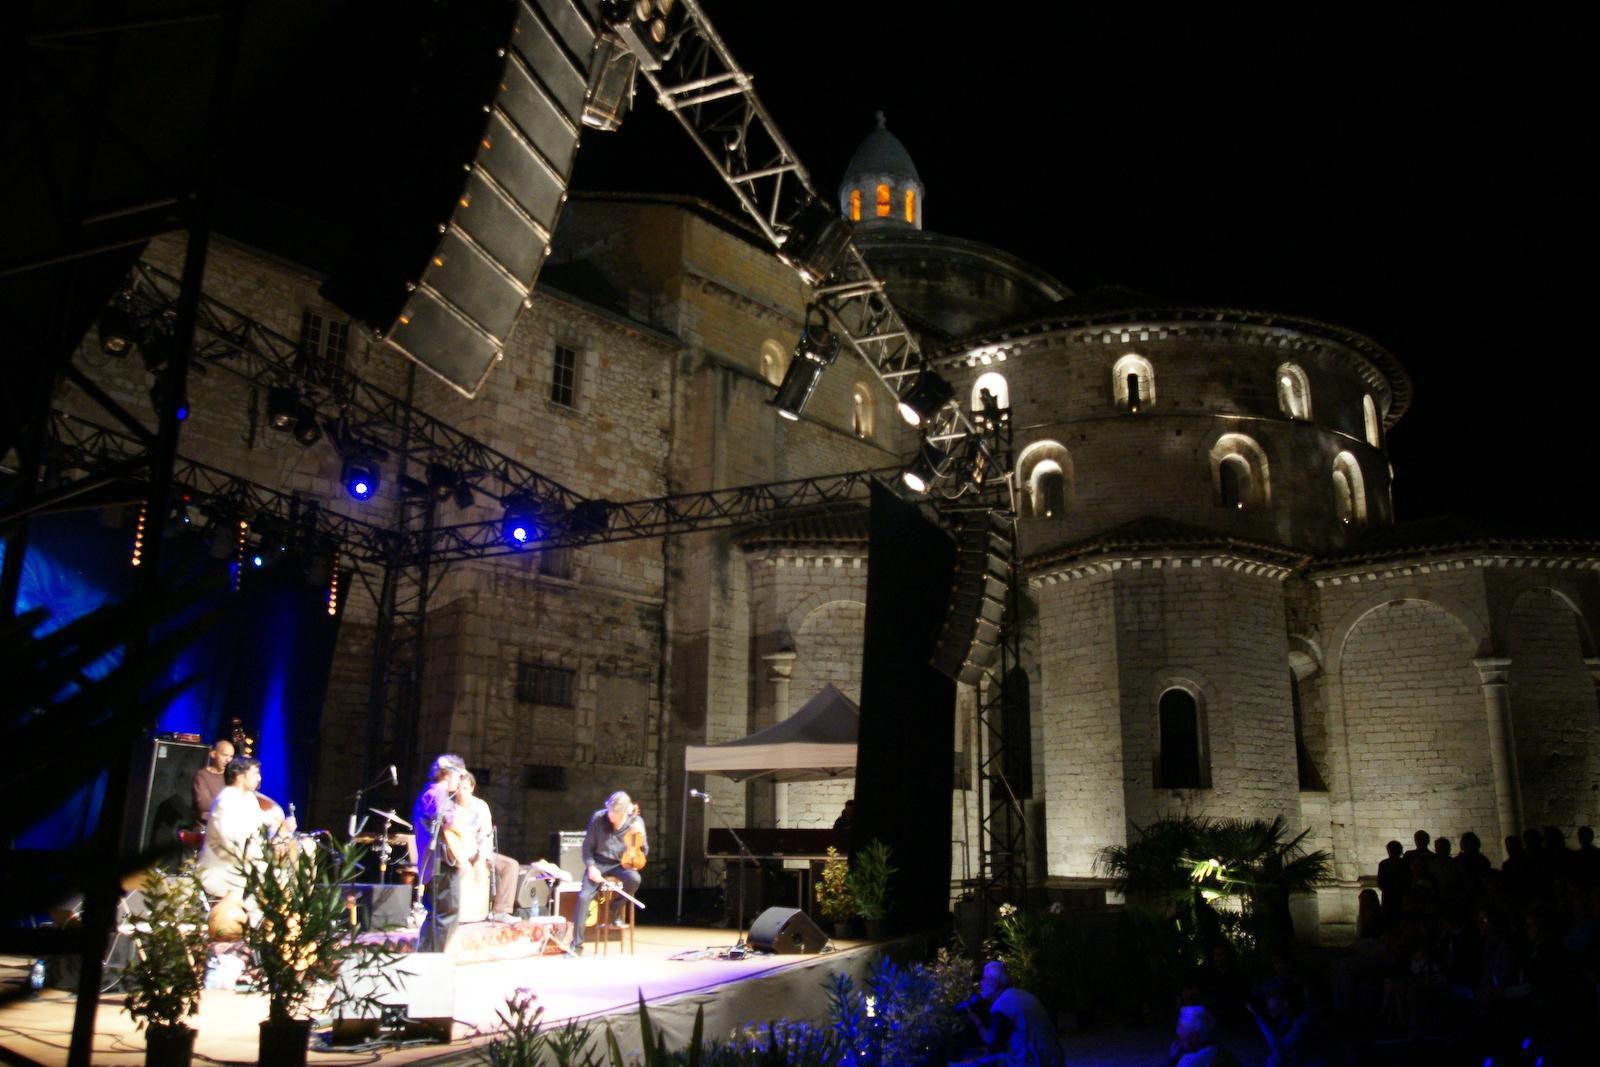 SOUILLAC EN JAZZ - Festival SIM COPANS_Souillac